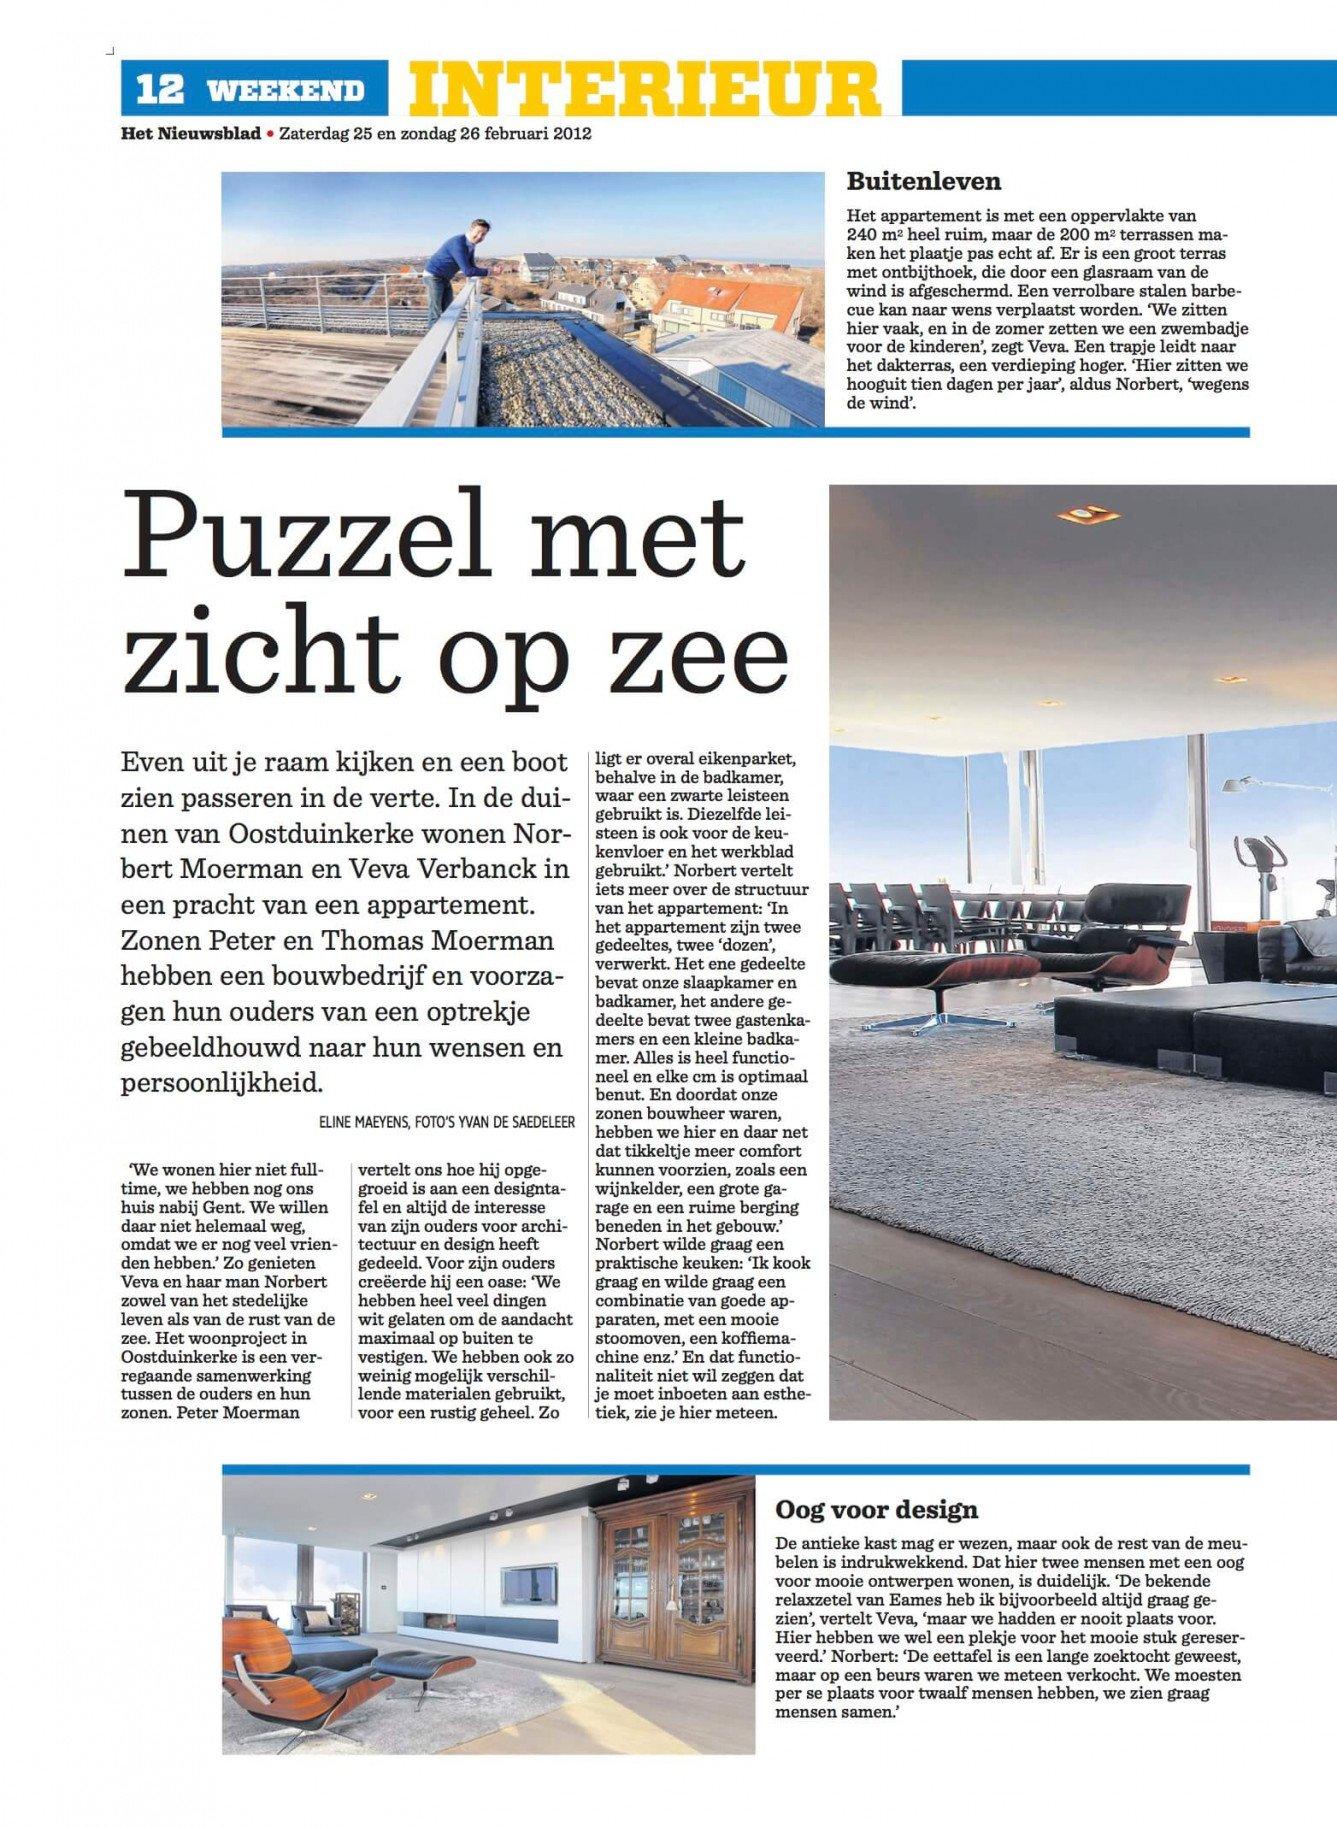 Het nieuwblad - interieur 1.jpg